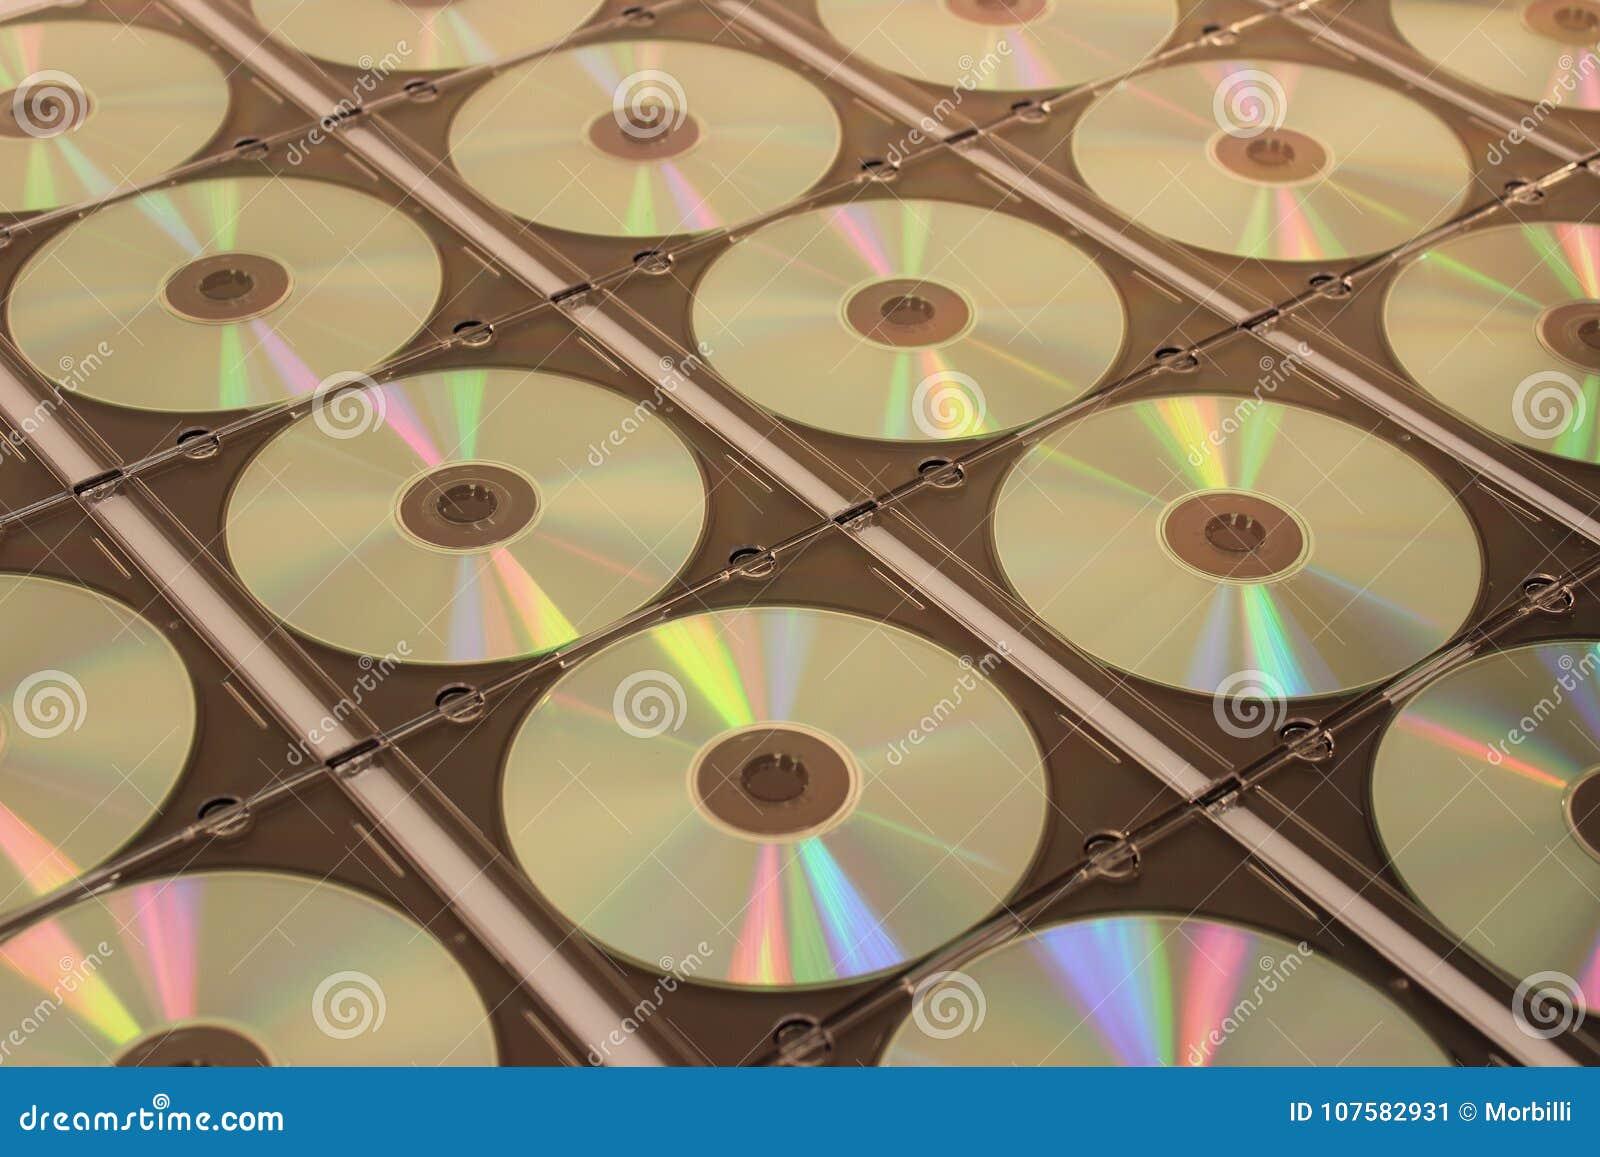 在塑料盒的CD-ROM圆盘